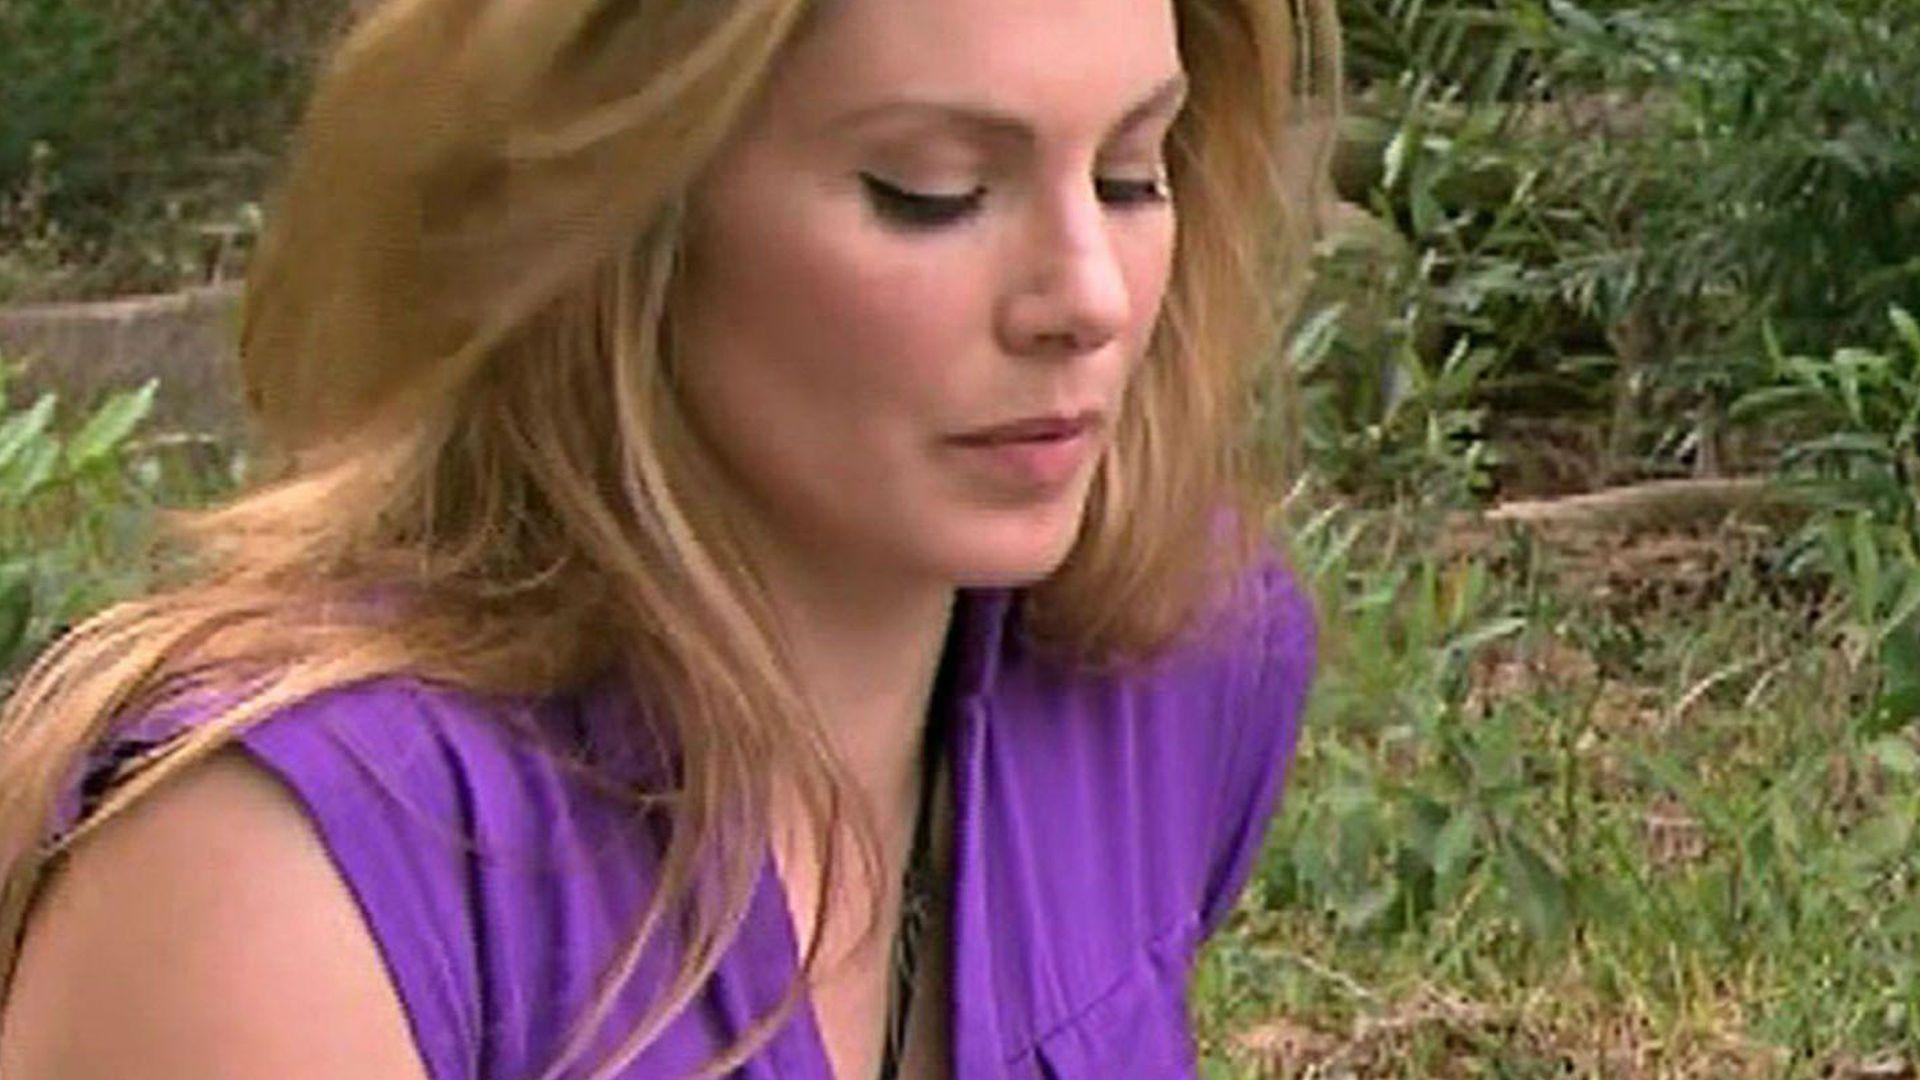 <b>Daniela Michalski</b> guckt traurig - daniela-michalski-guckt-traurig-r3